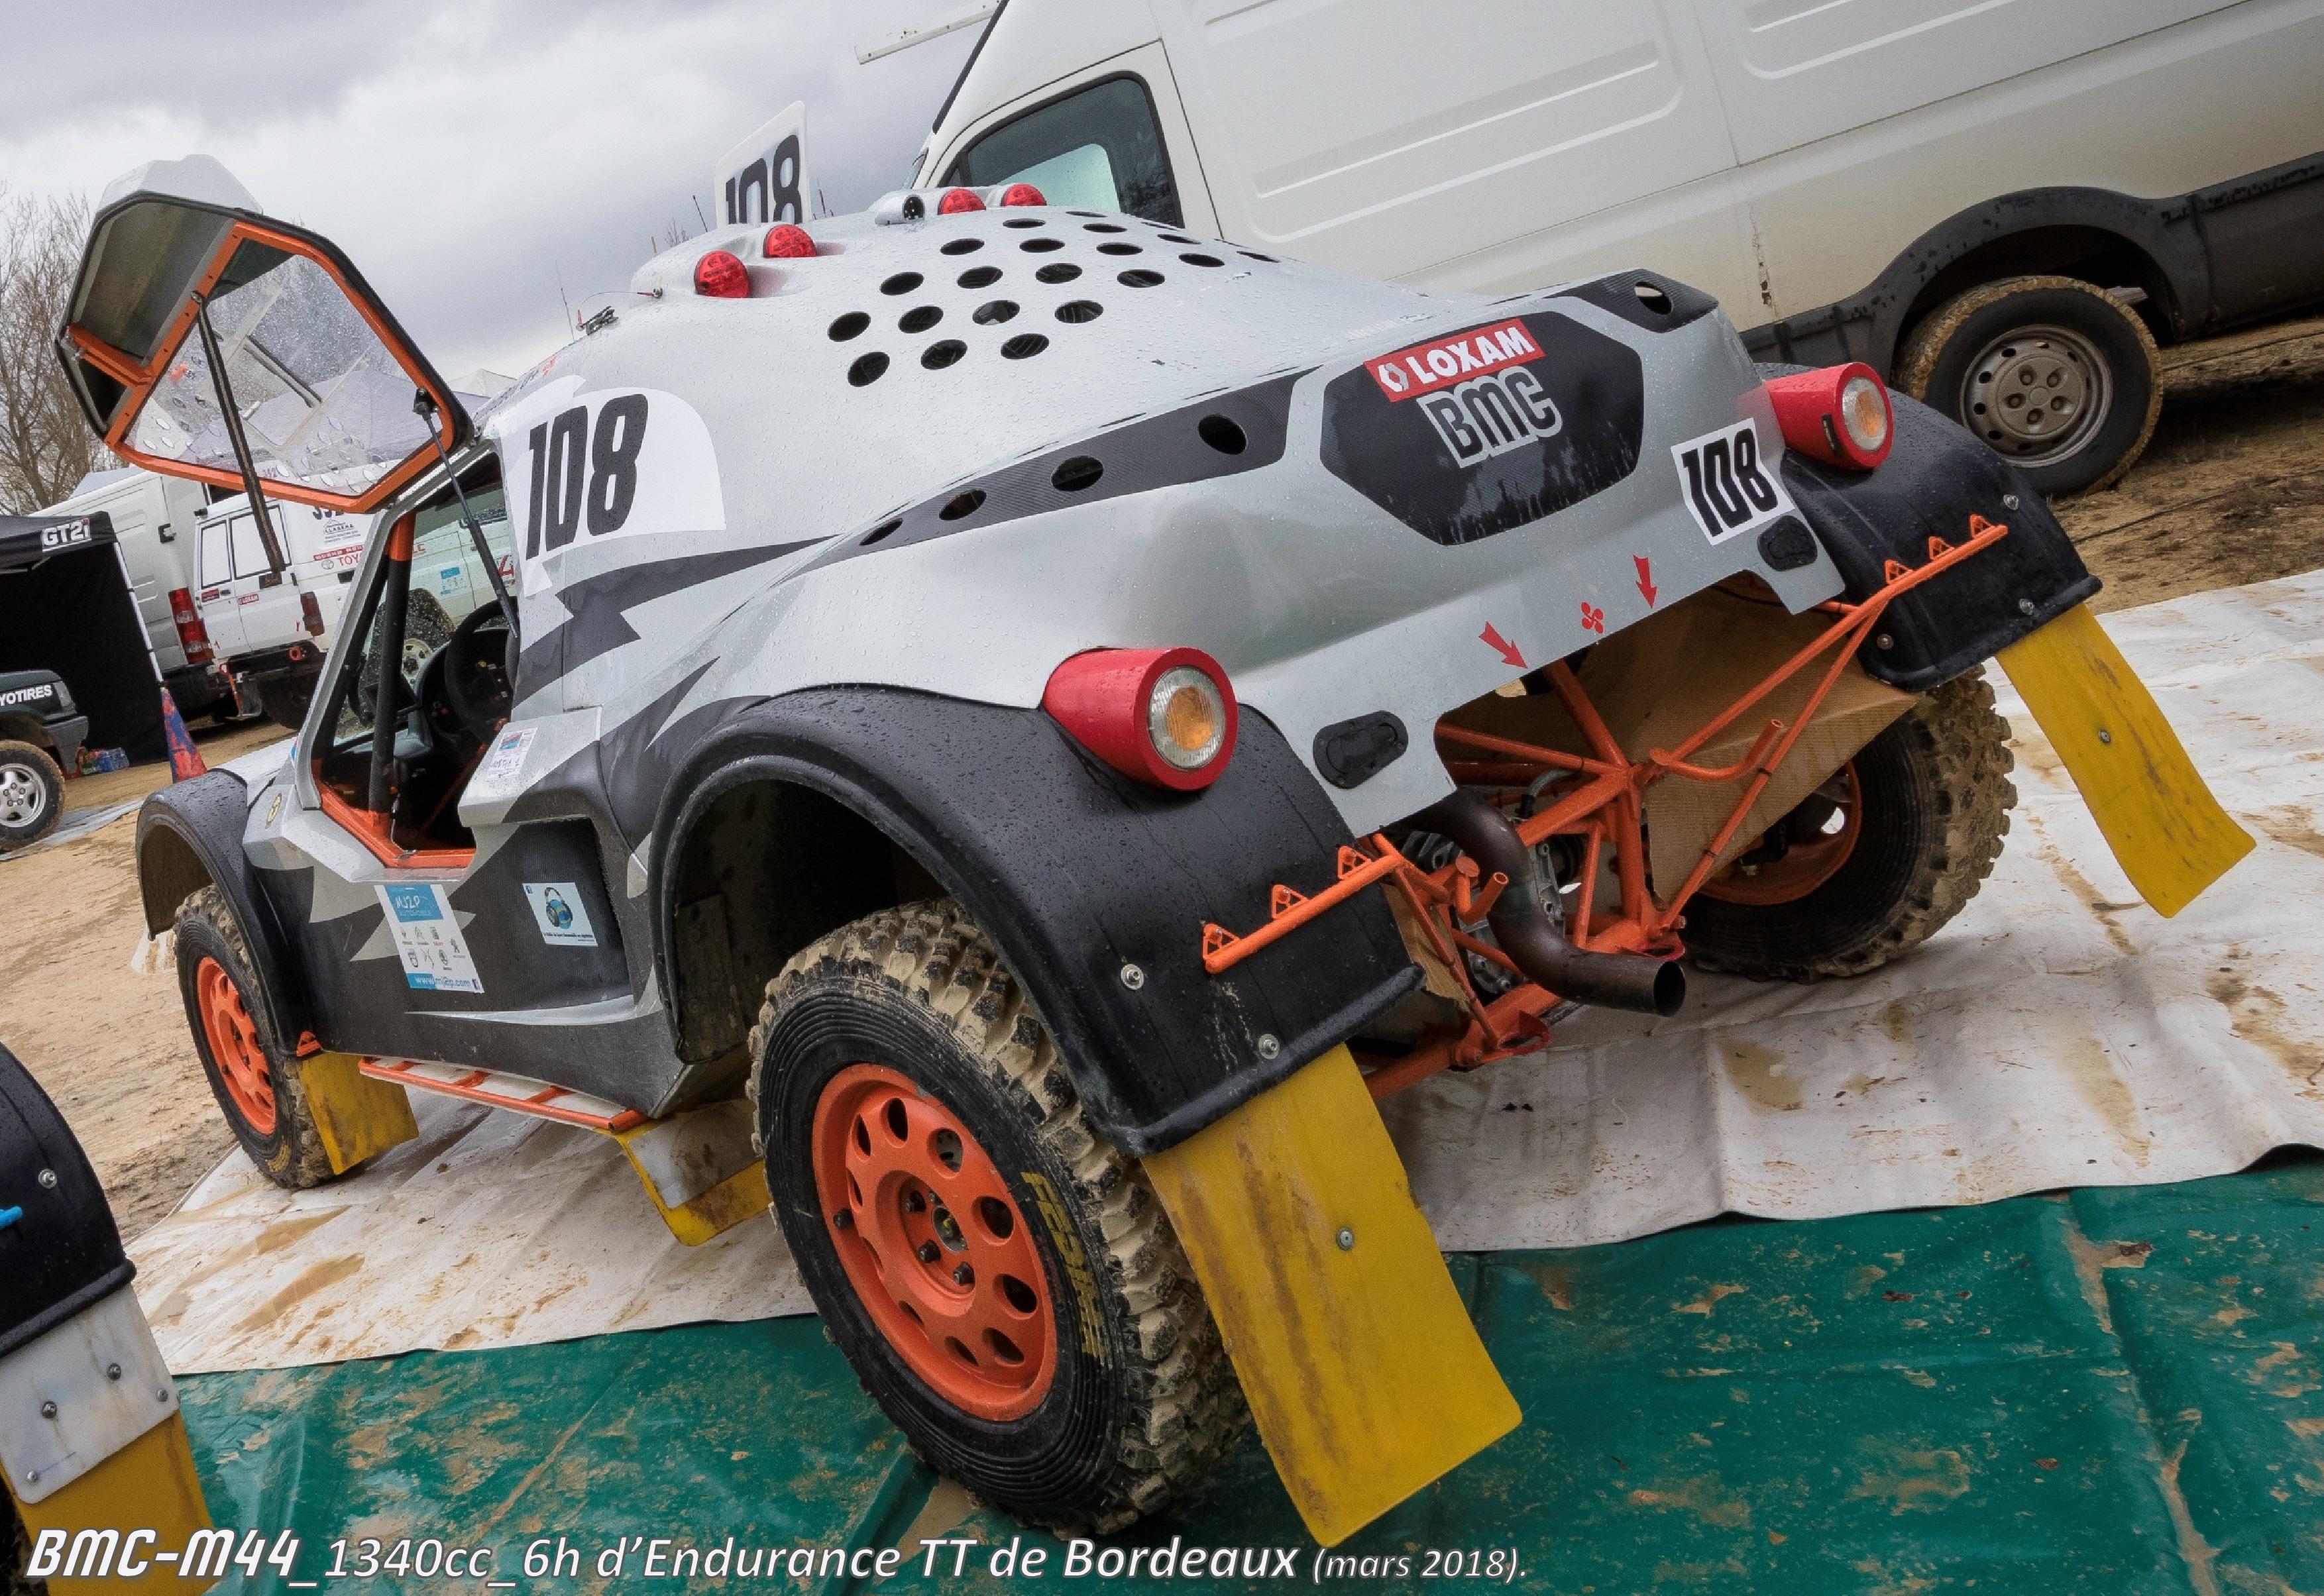 BMC-M44_Saison 2018_S. BOUCHET-J. CAZANAVE-LONNE-PEYRET_ (4)